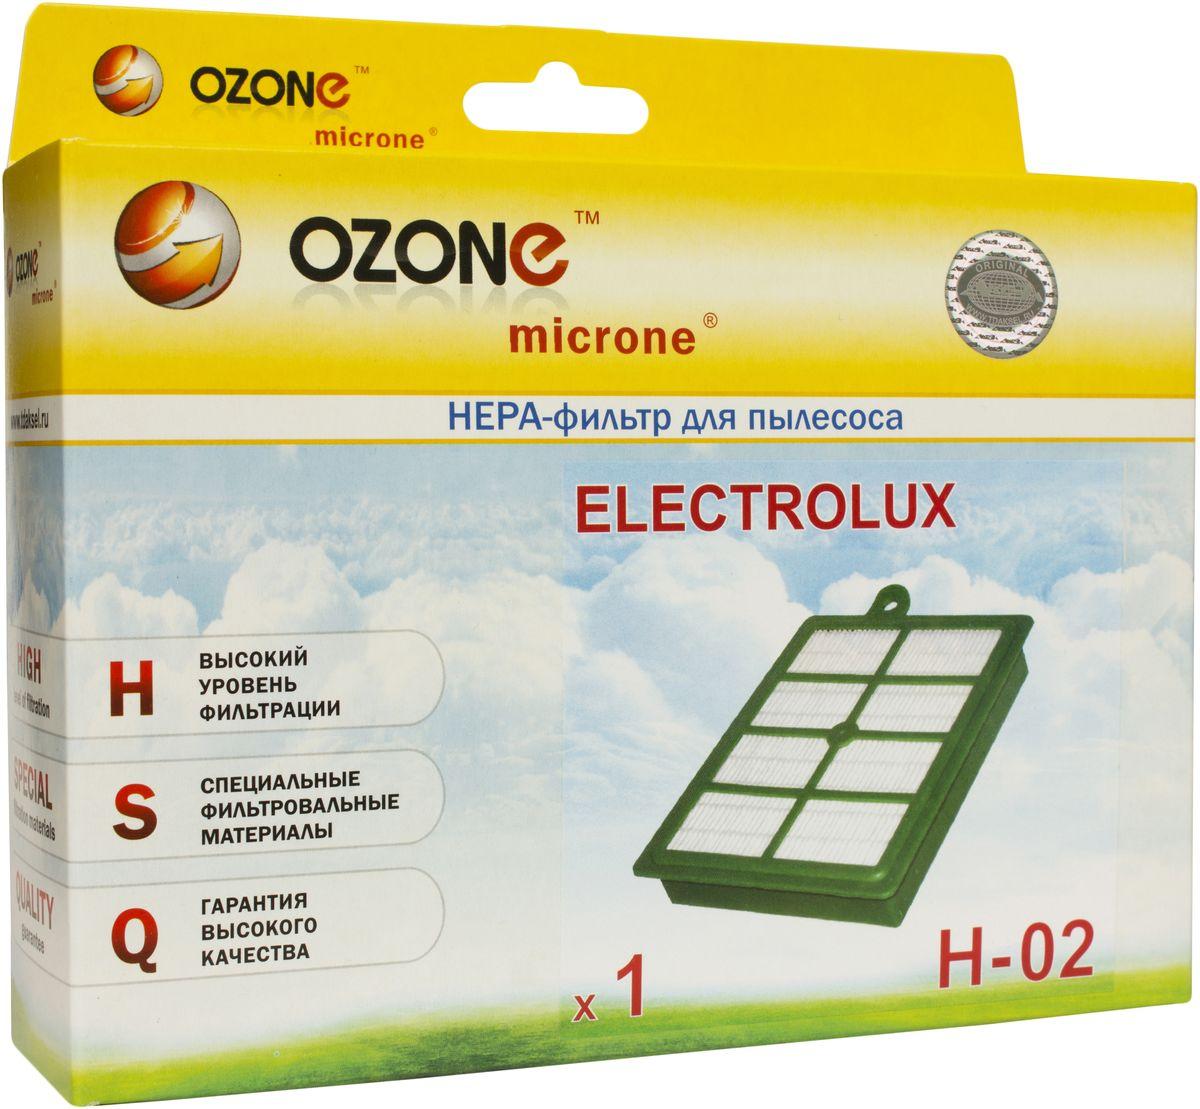 все цены на Ozone H-02 HEPA фильтр для пылесоса онлайн